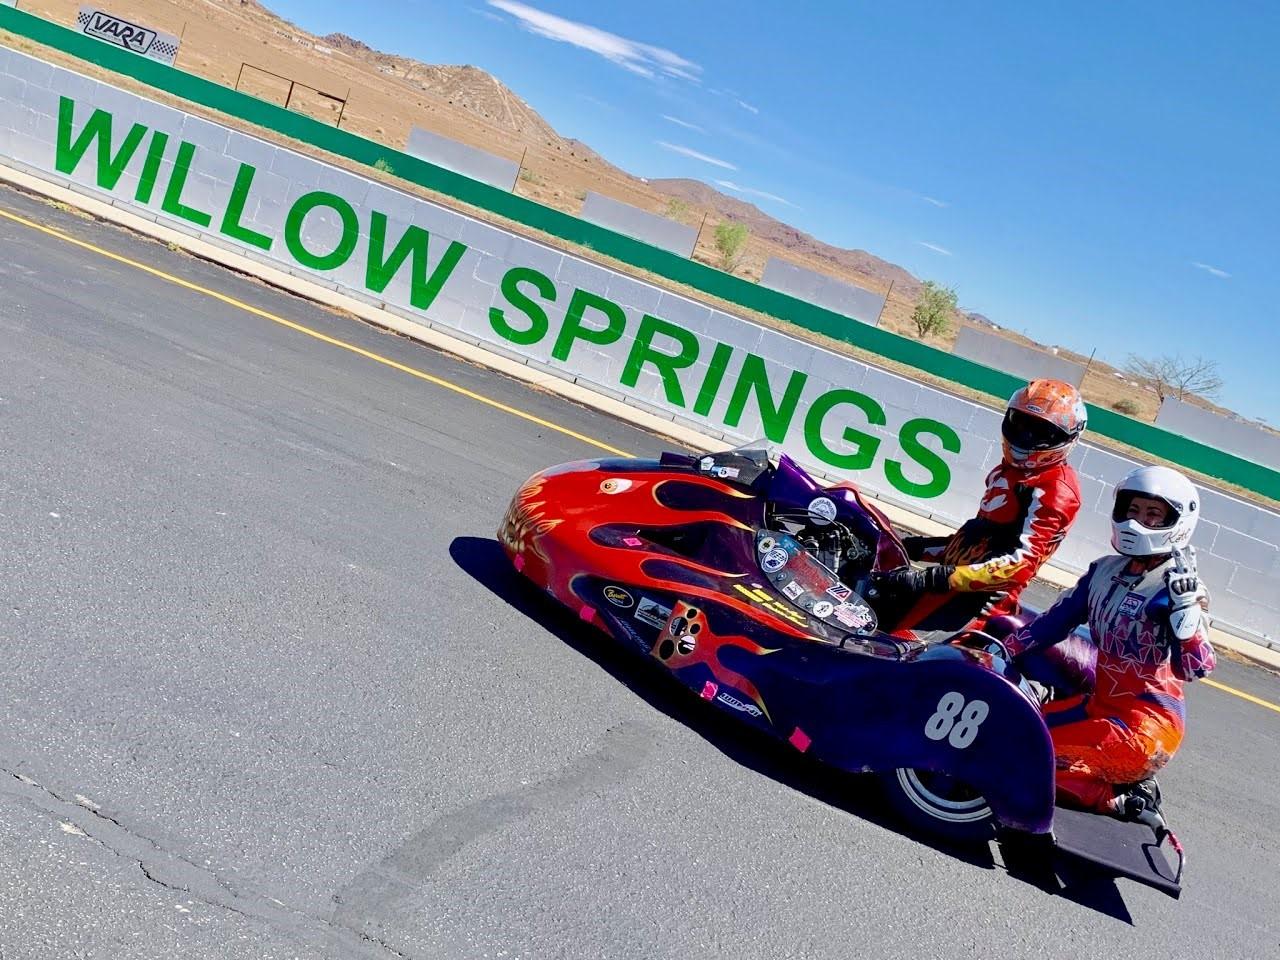 AHRMA Vintage Racing at Willow Springs: Modern Speed on